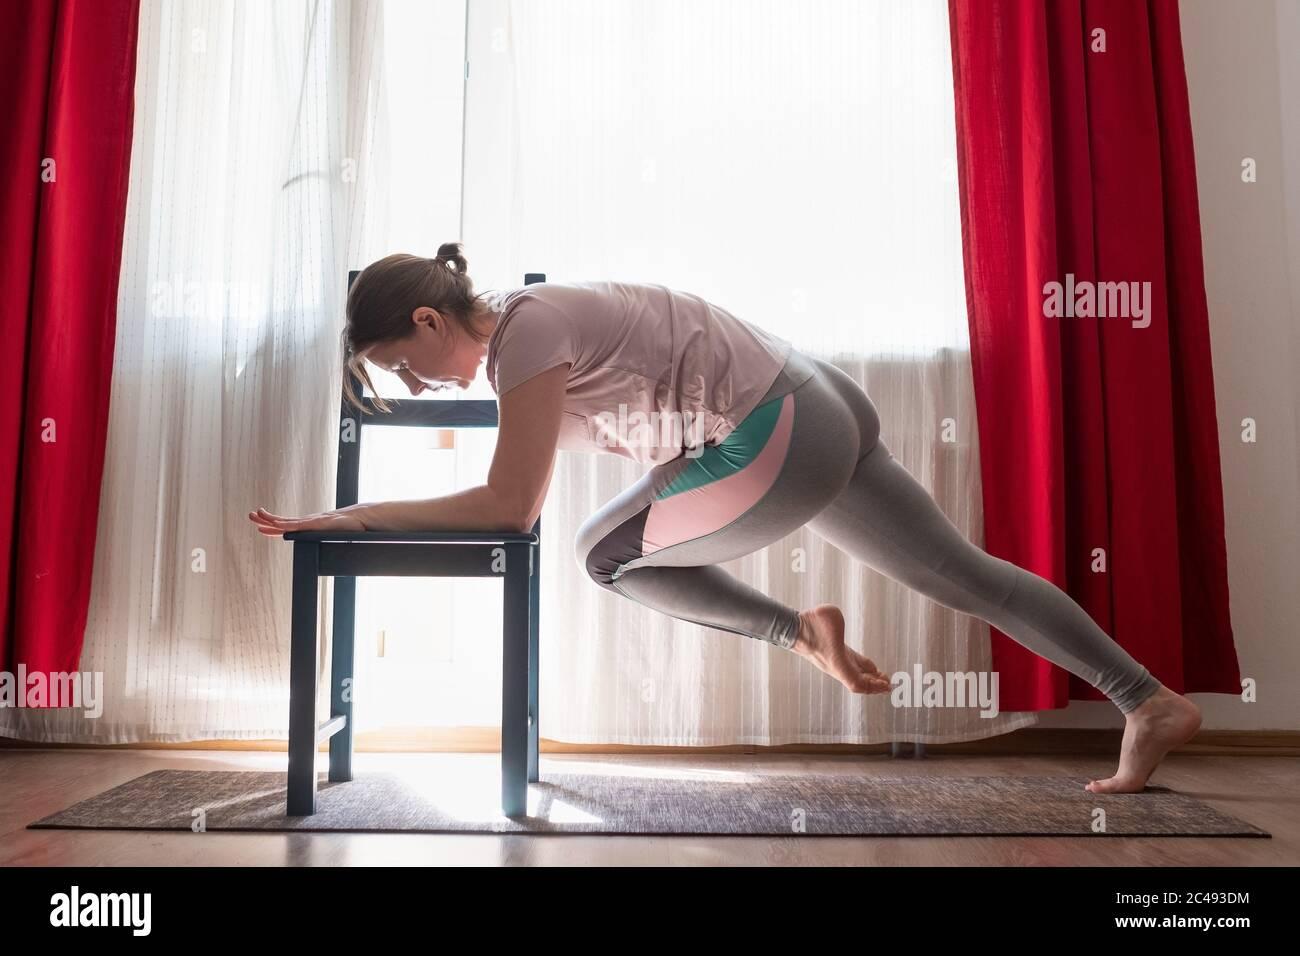 Femme faisant des exercices de poussée pour la poitrine et les bras d'entraînement muscles à la maison Banque D'Images